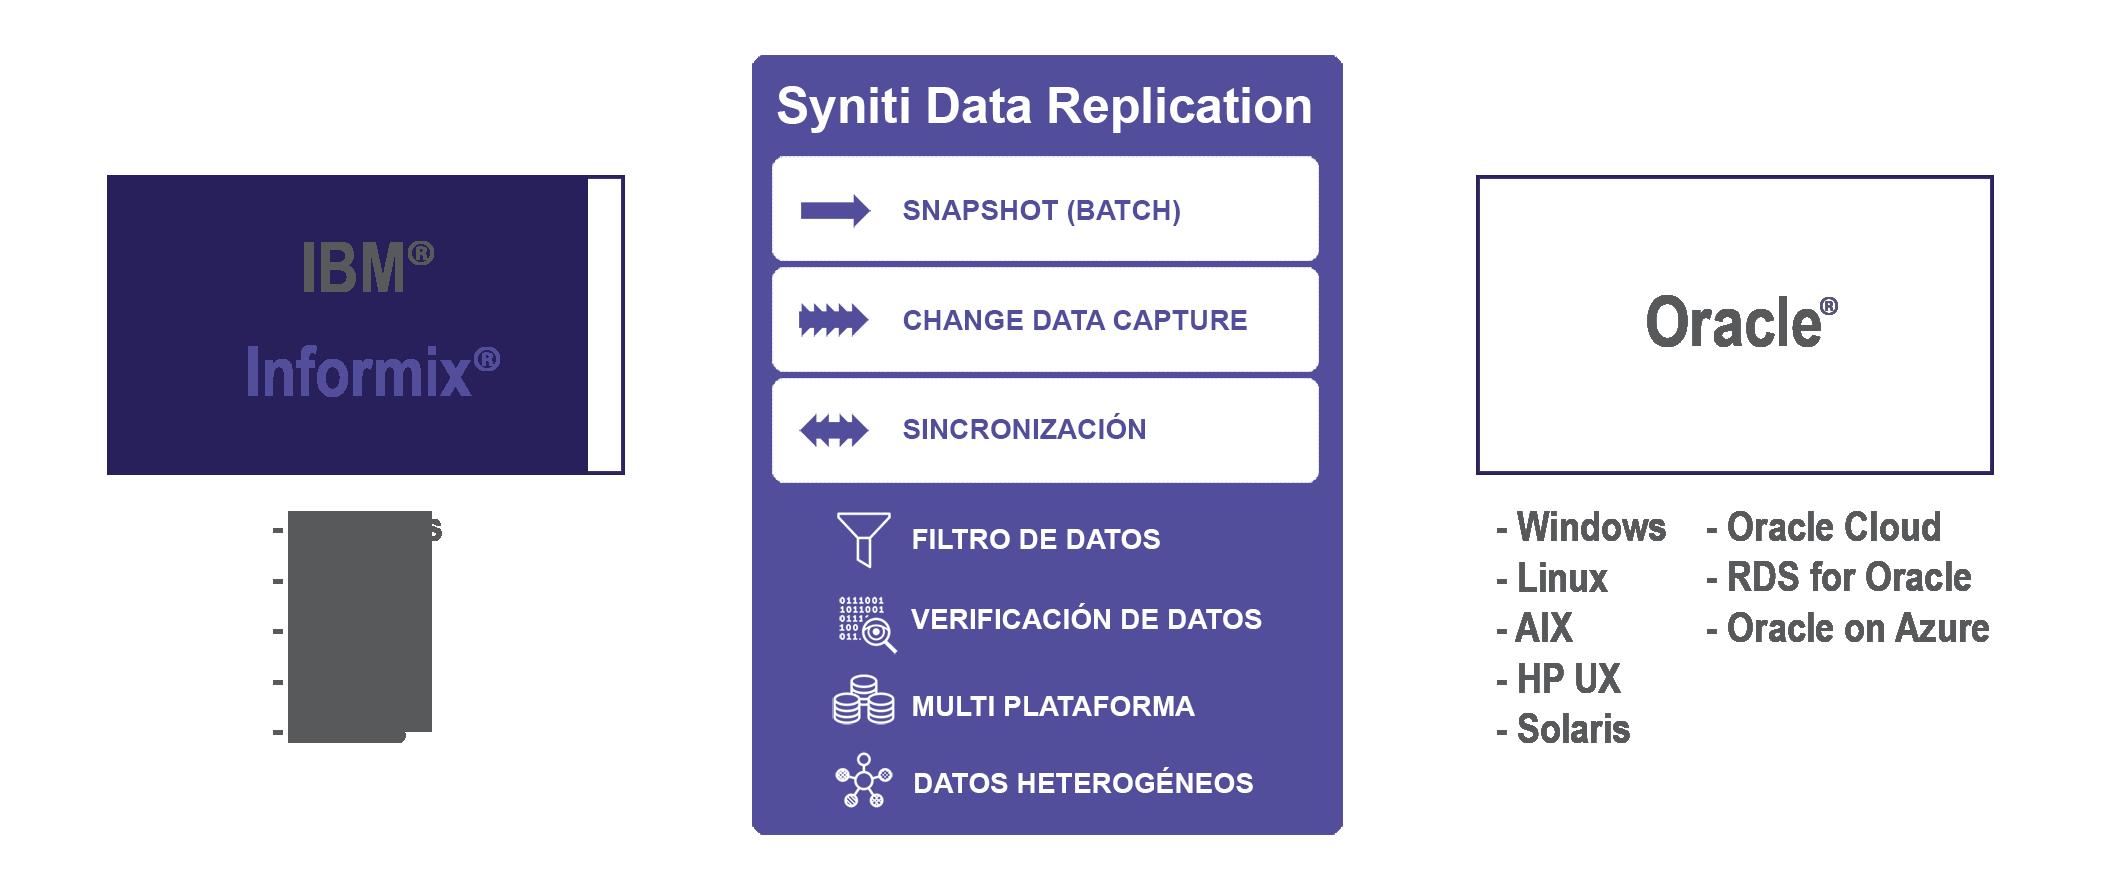 Replicacion de datos Informix a Oracle en tiempo real